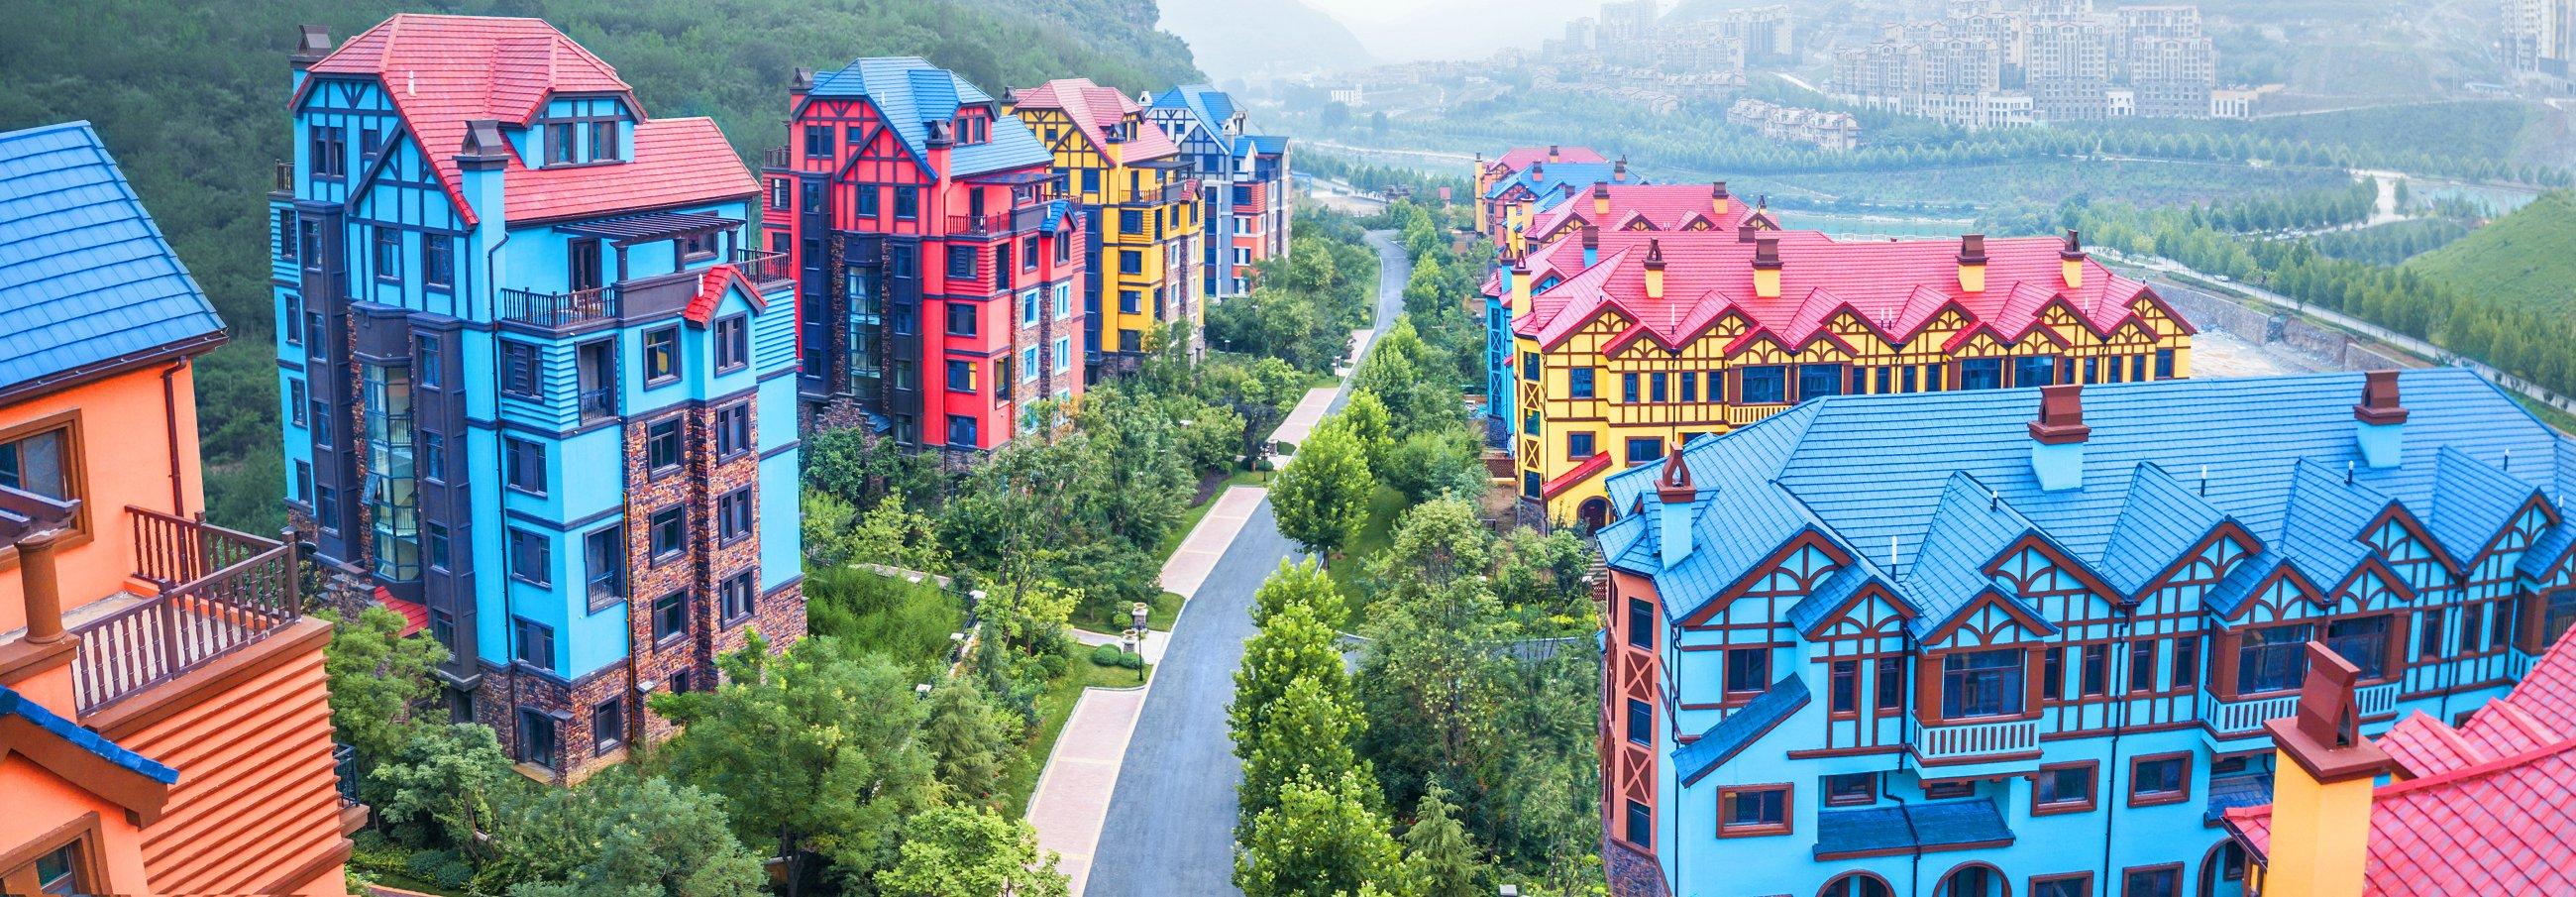 华银天鹅湖,北京周边公交直达环境 的小区